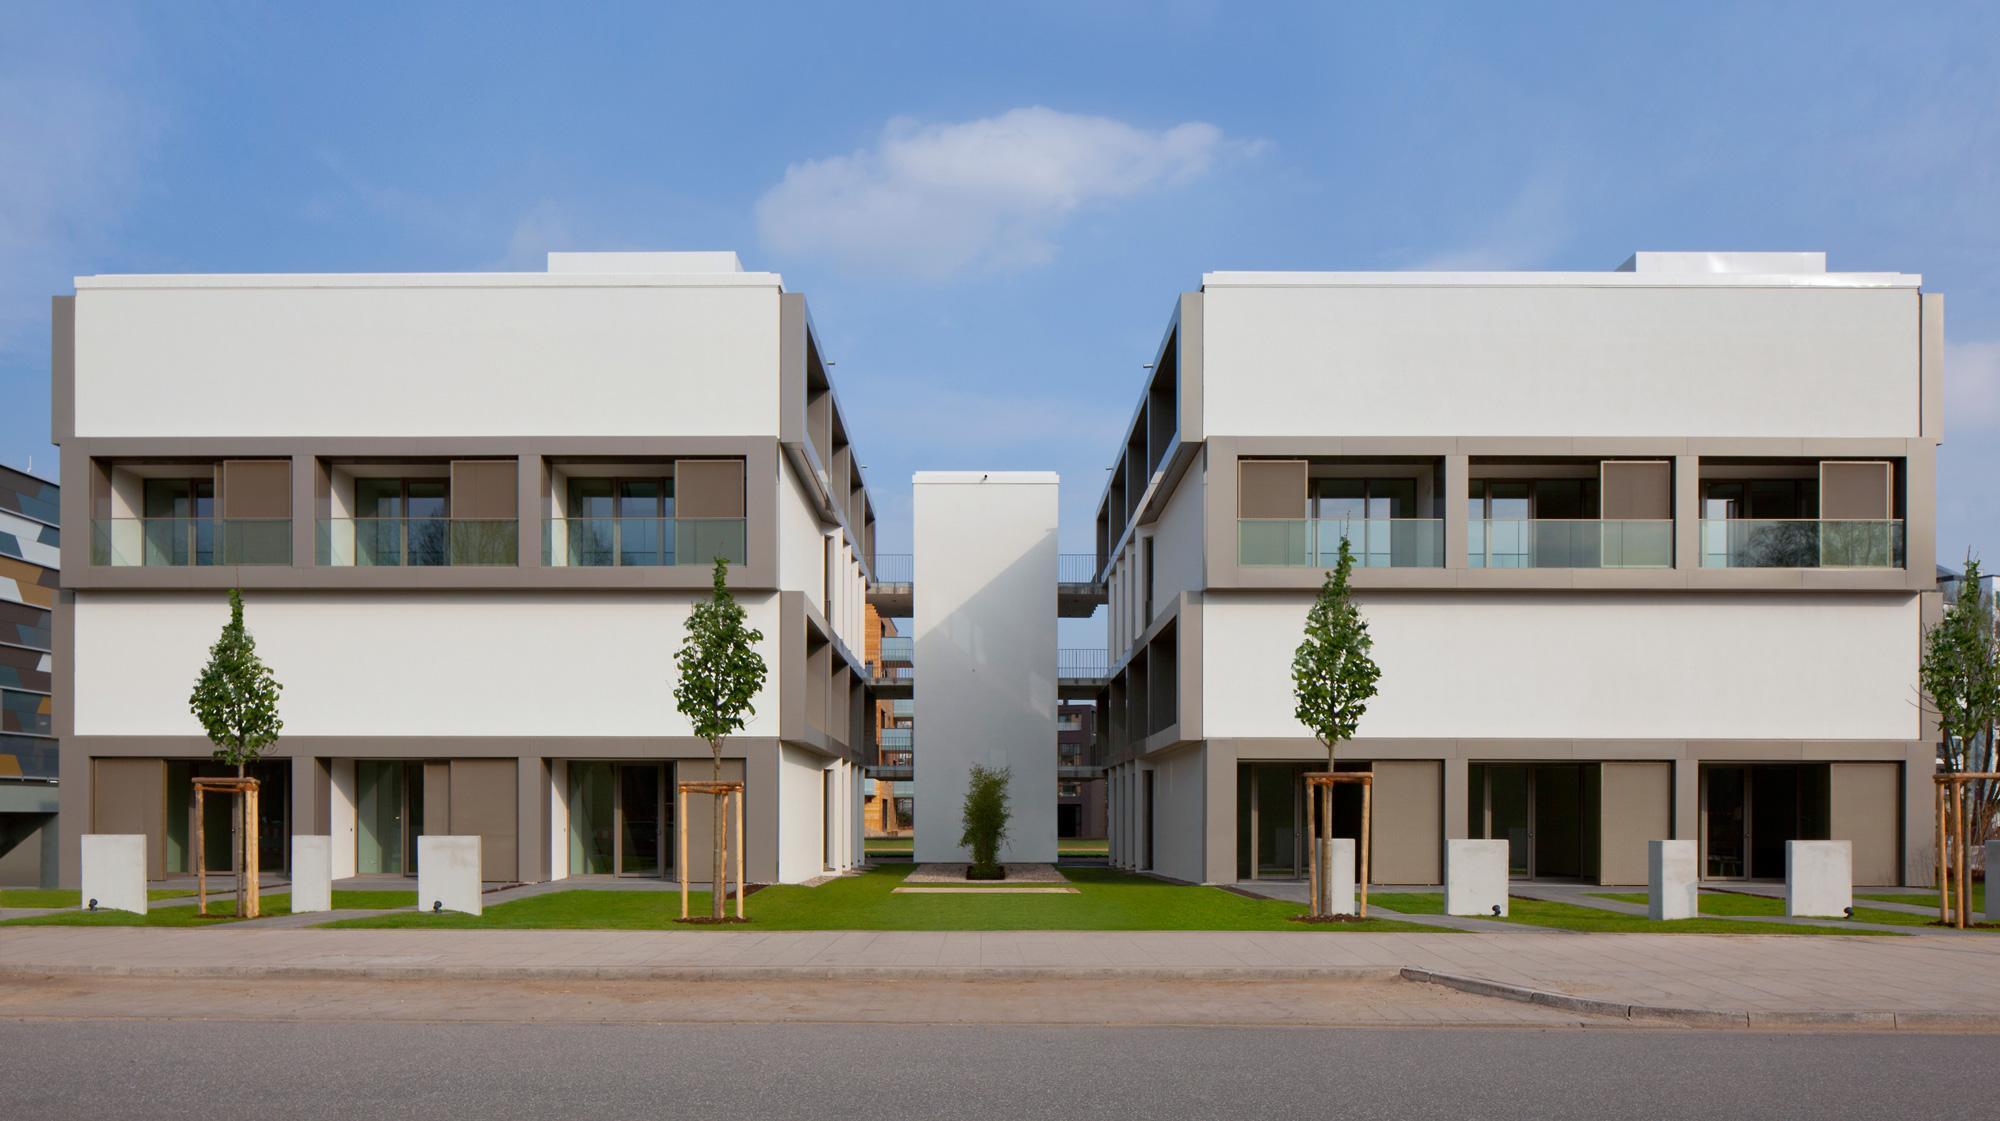 Hybridhaus nach Retusche